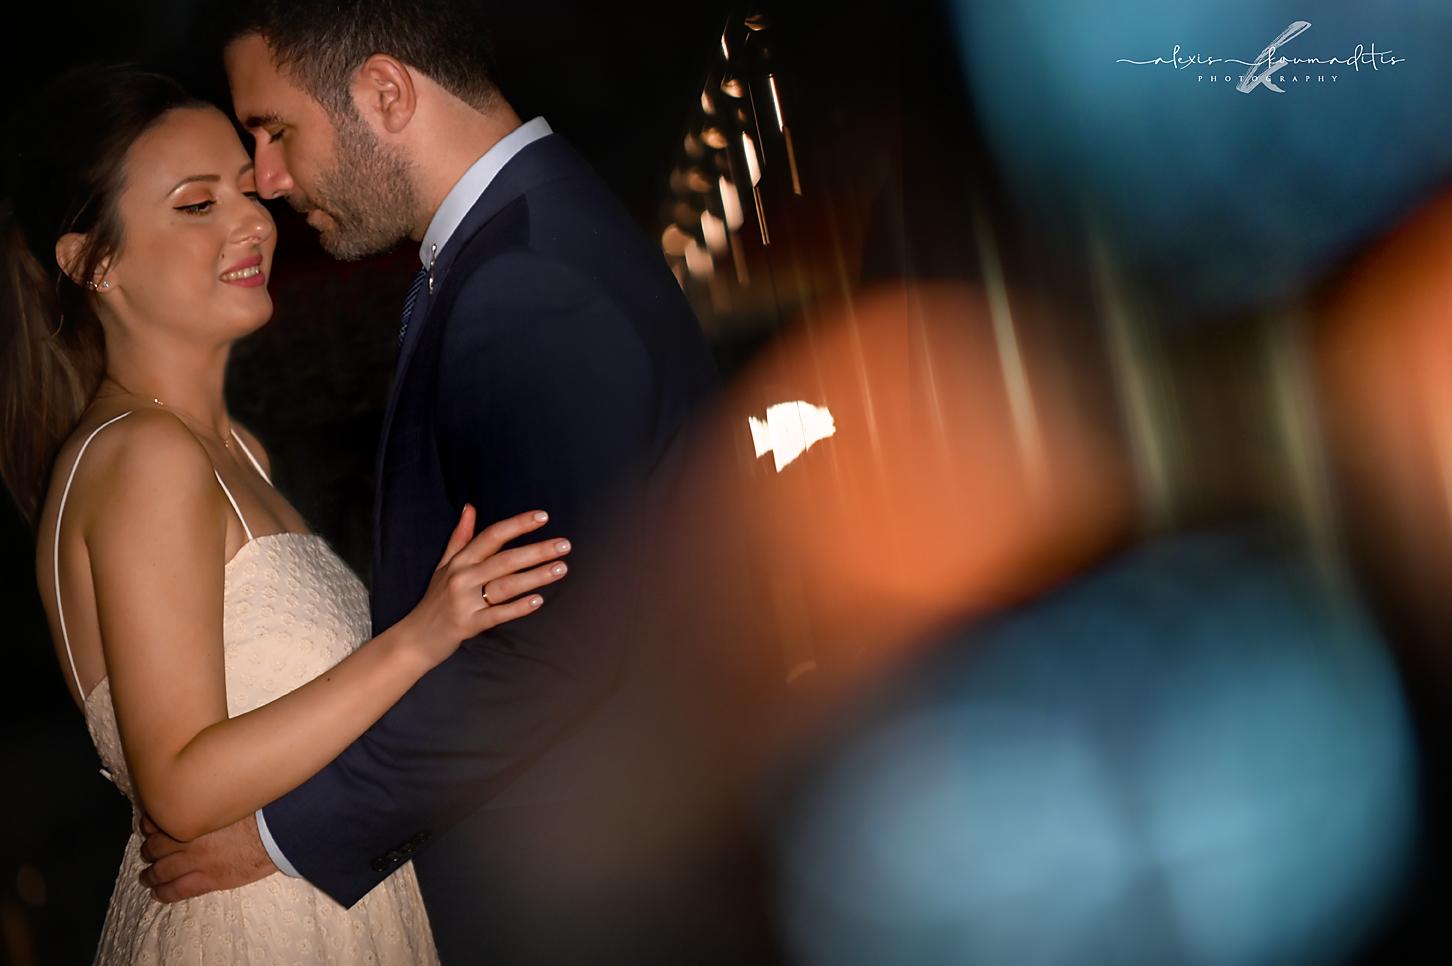 wedding- photography – θεσσαλια-λαρισα-φωτογραφια-γαμου-alexis-koumaditis